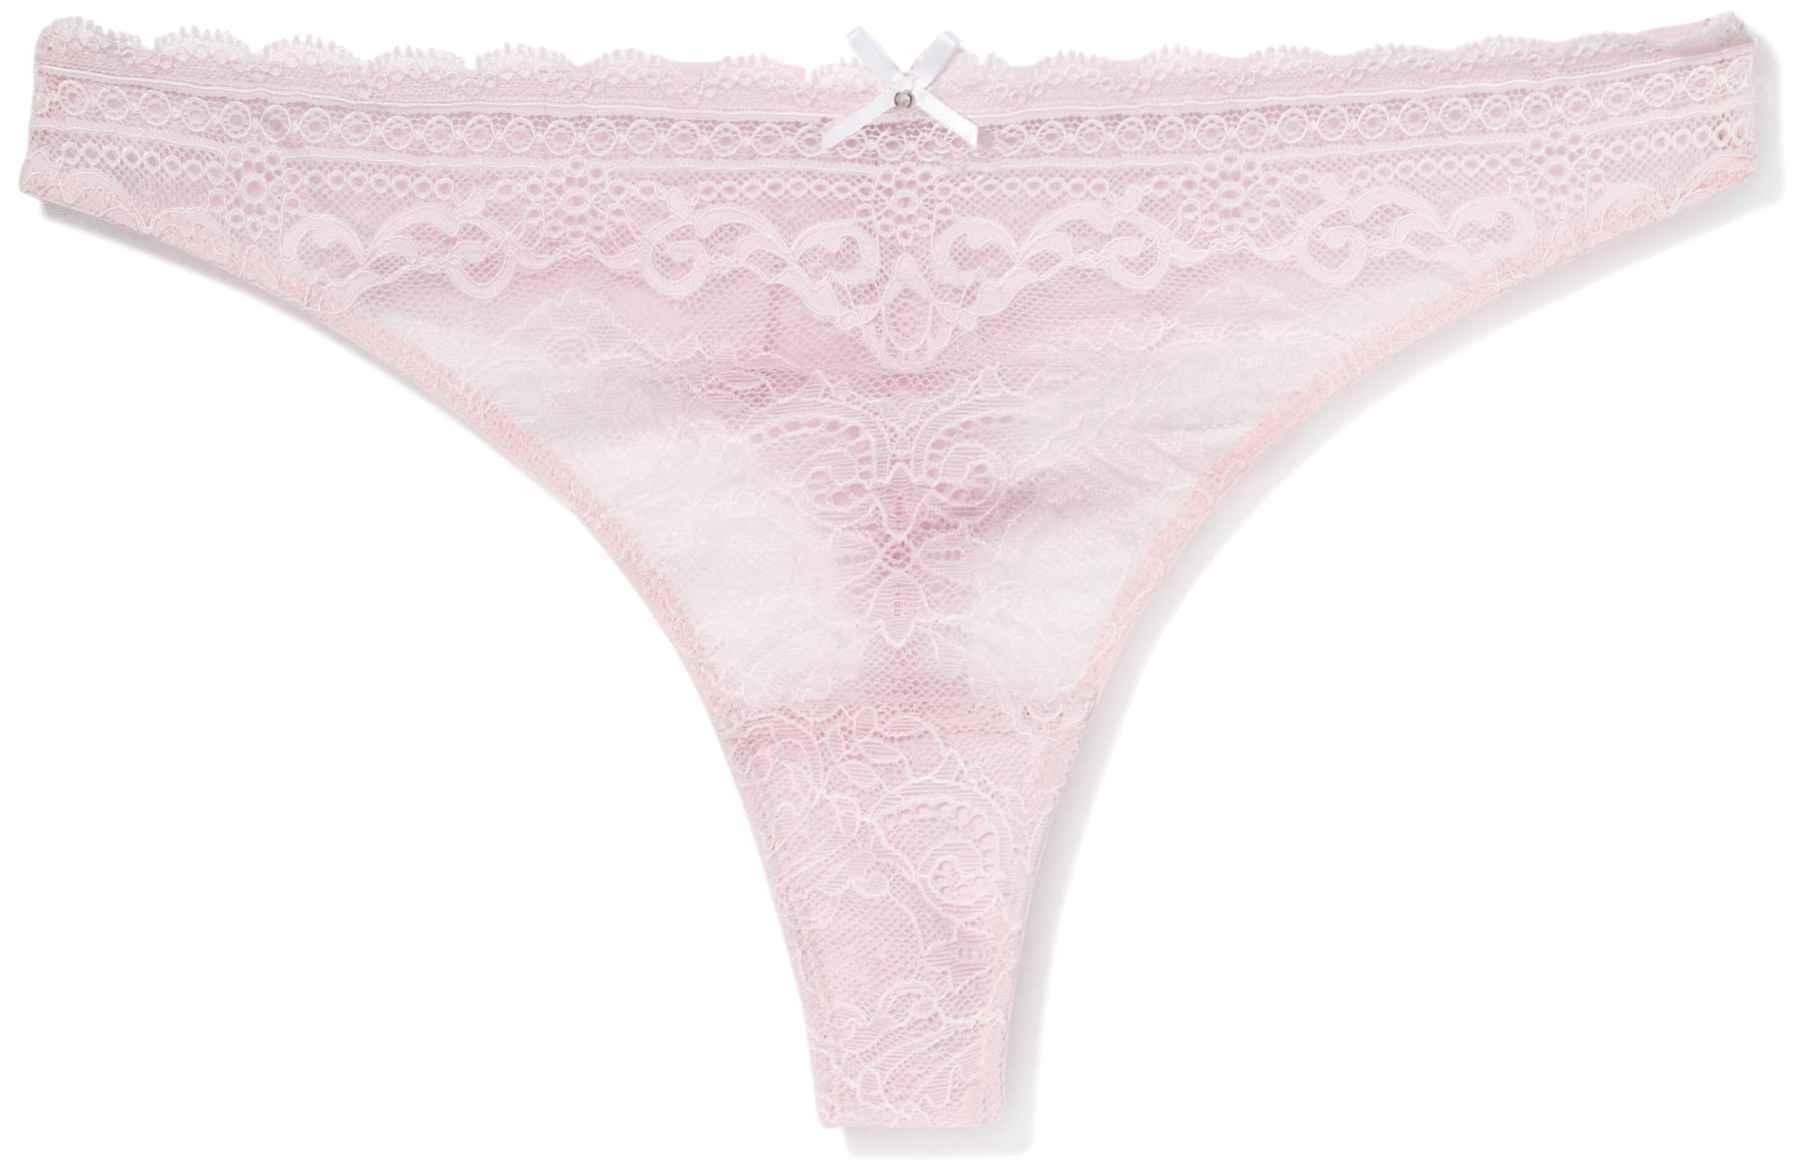 Магазин нижнего белья предлагает качественные стринги для женщин